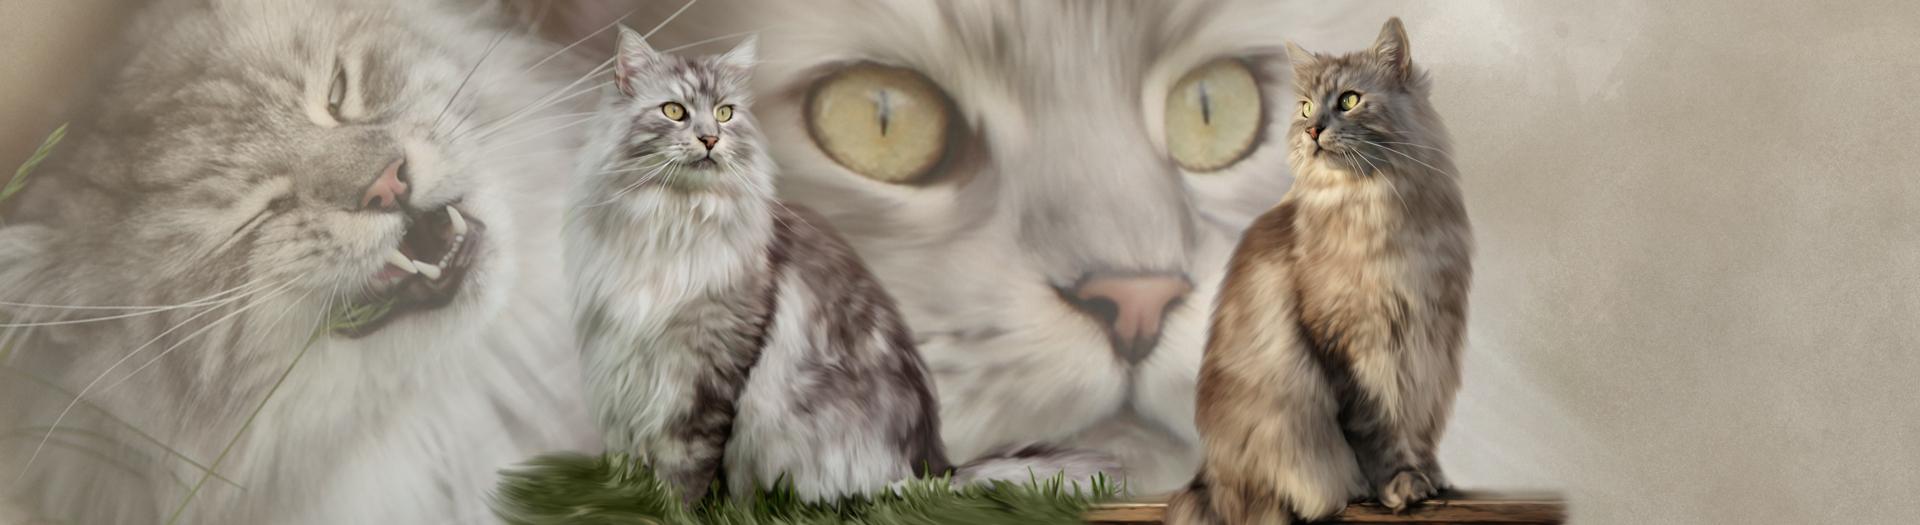 Katzen-Collage durch Foto-Collage mit Katzen